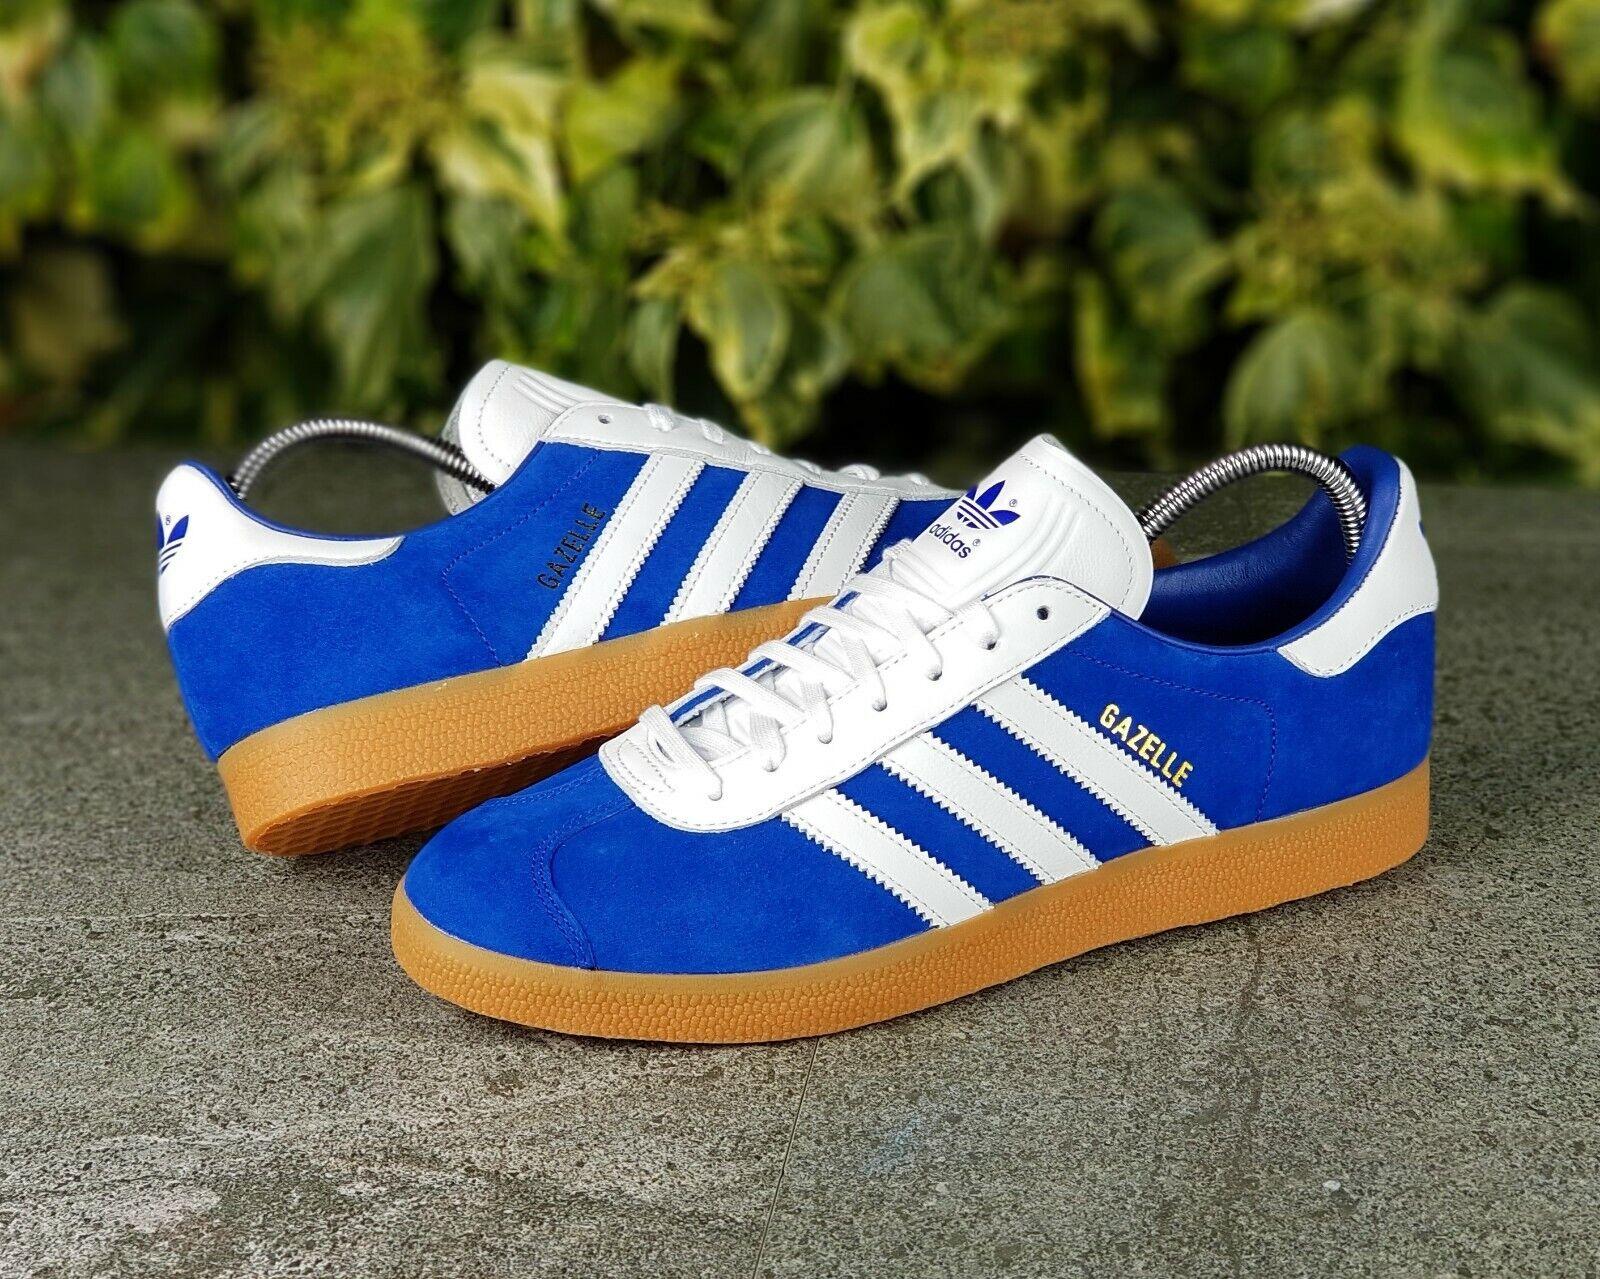 BNWB & Genuine Adidas Originals ® Gazelle  Athen  Blau Suede Trainers UK Größe 10 Ausverkauf